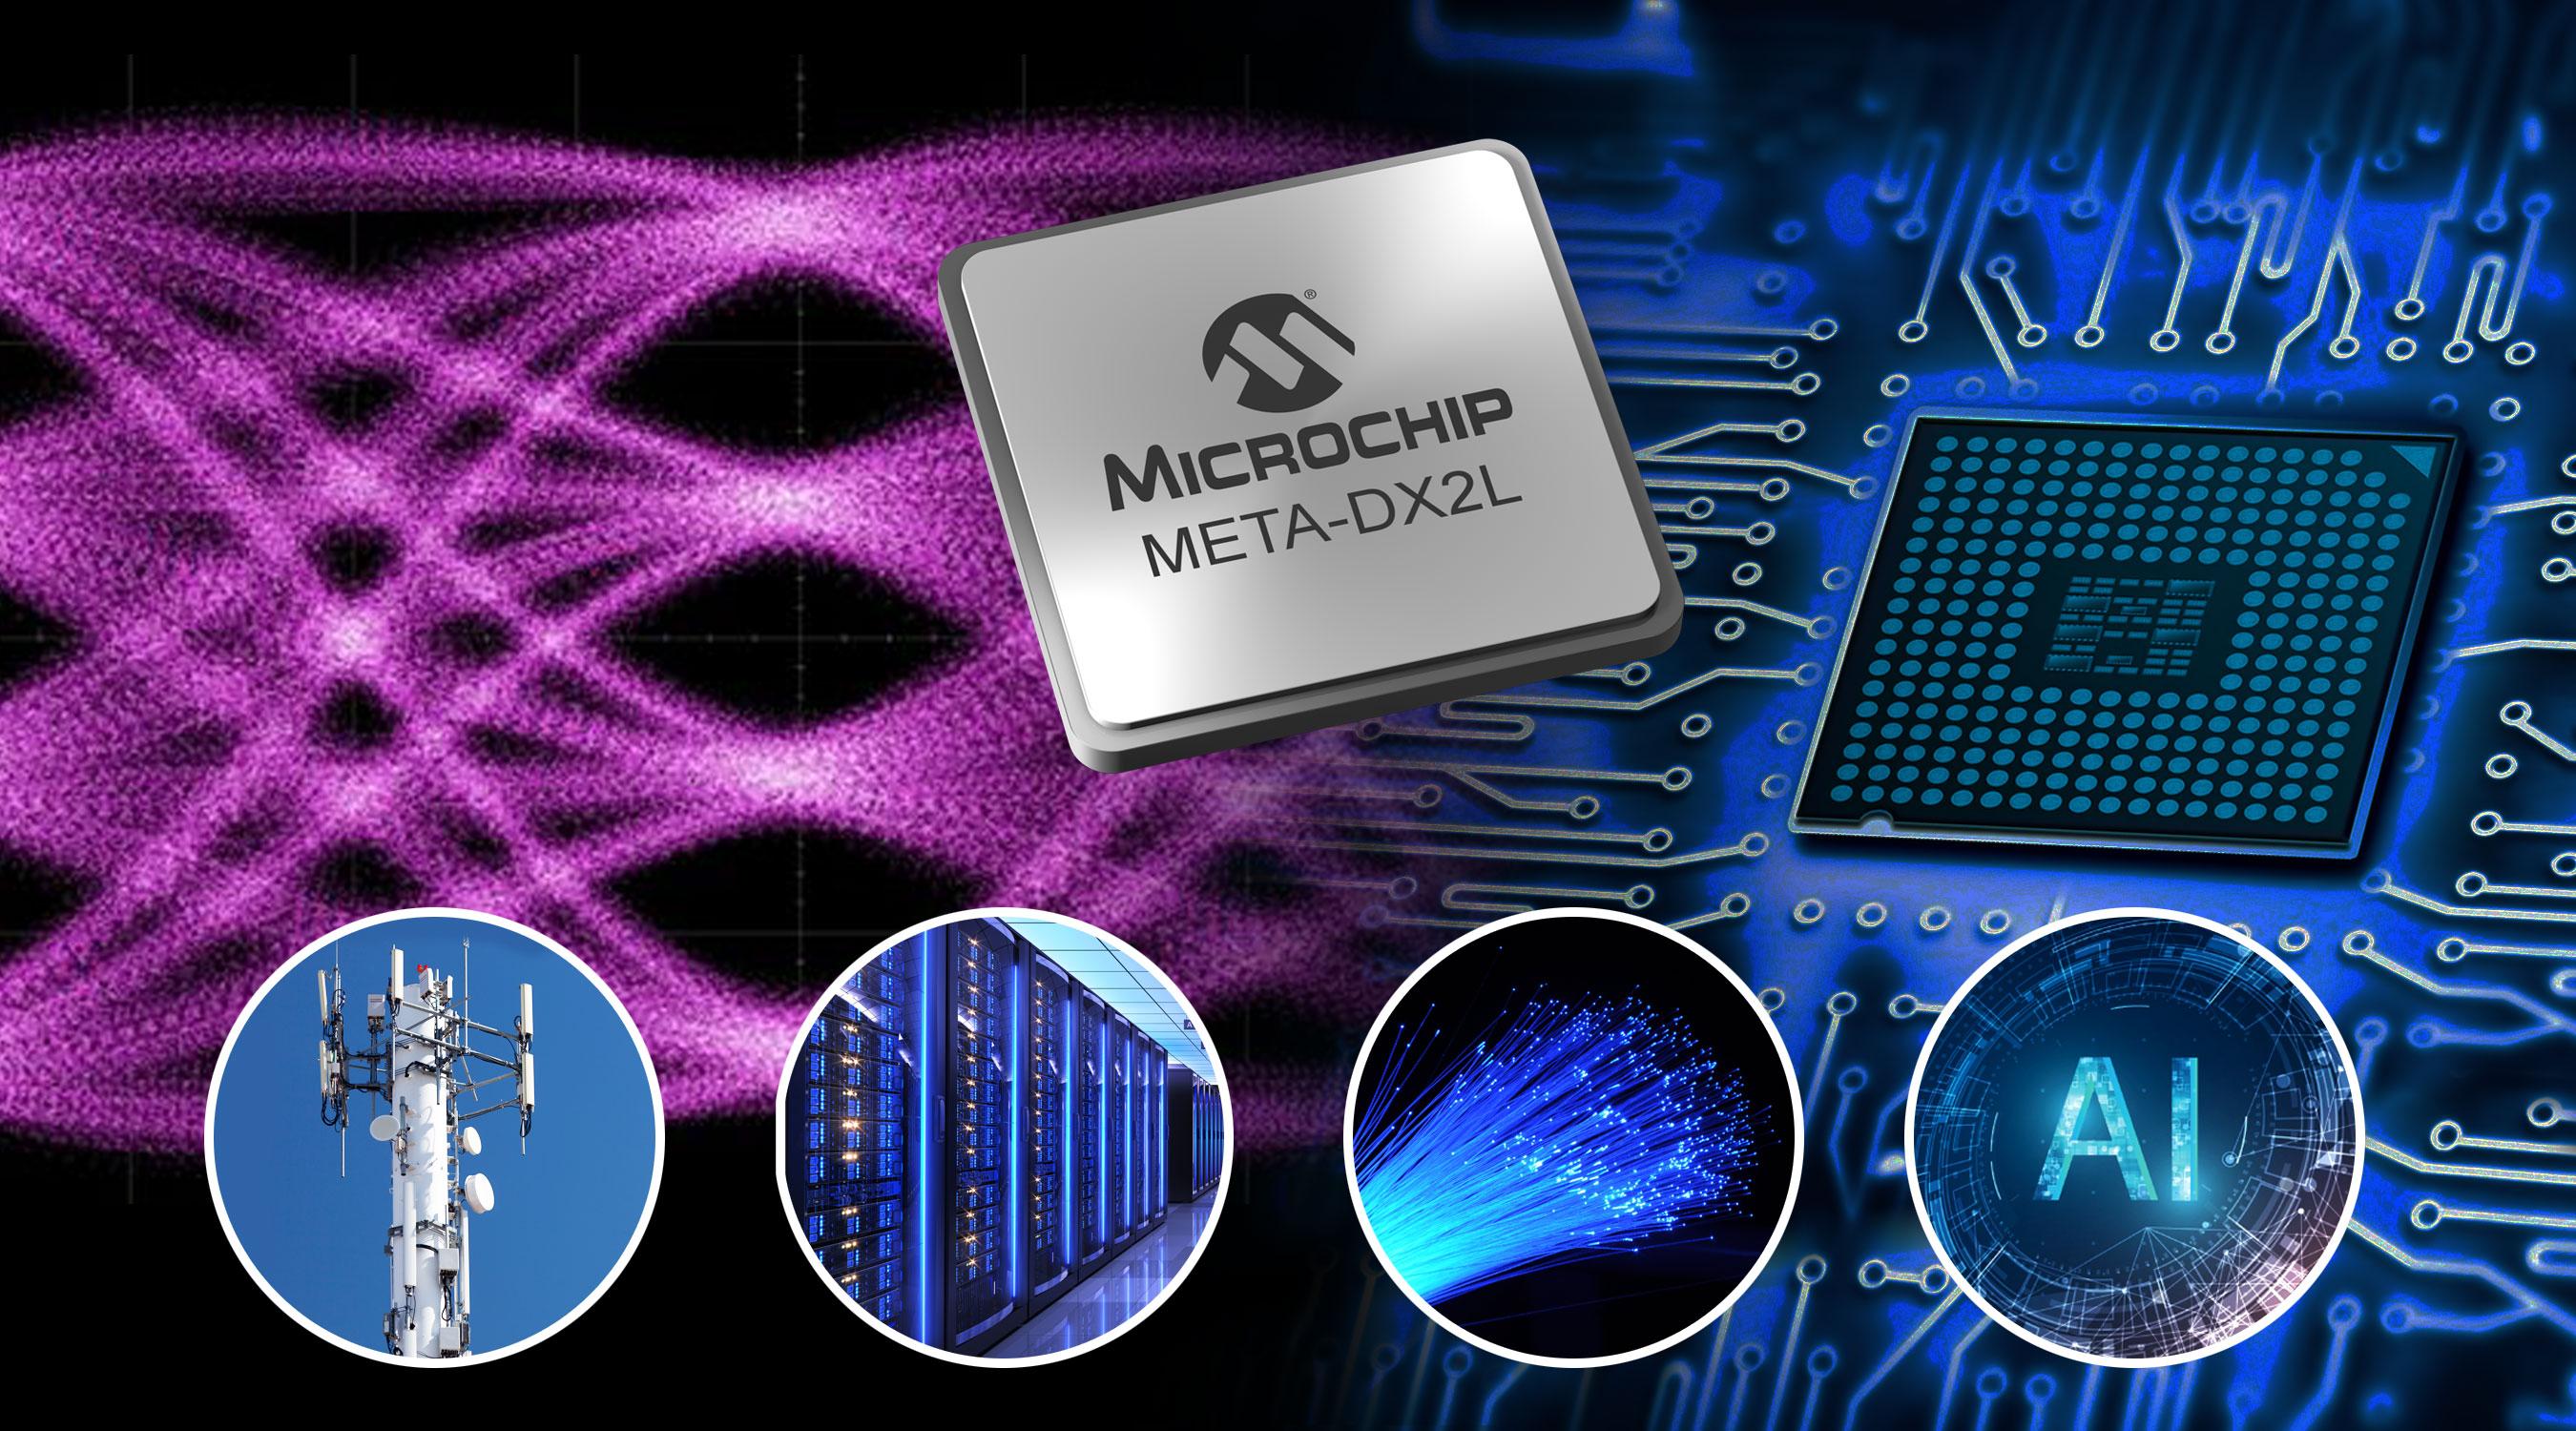 Microchip推出业界最紧凑的1.6T以太网PHY,,可为云数据中心、5G和AI提供高达800GbE的连接性